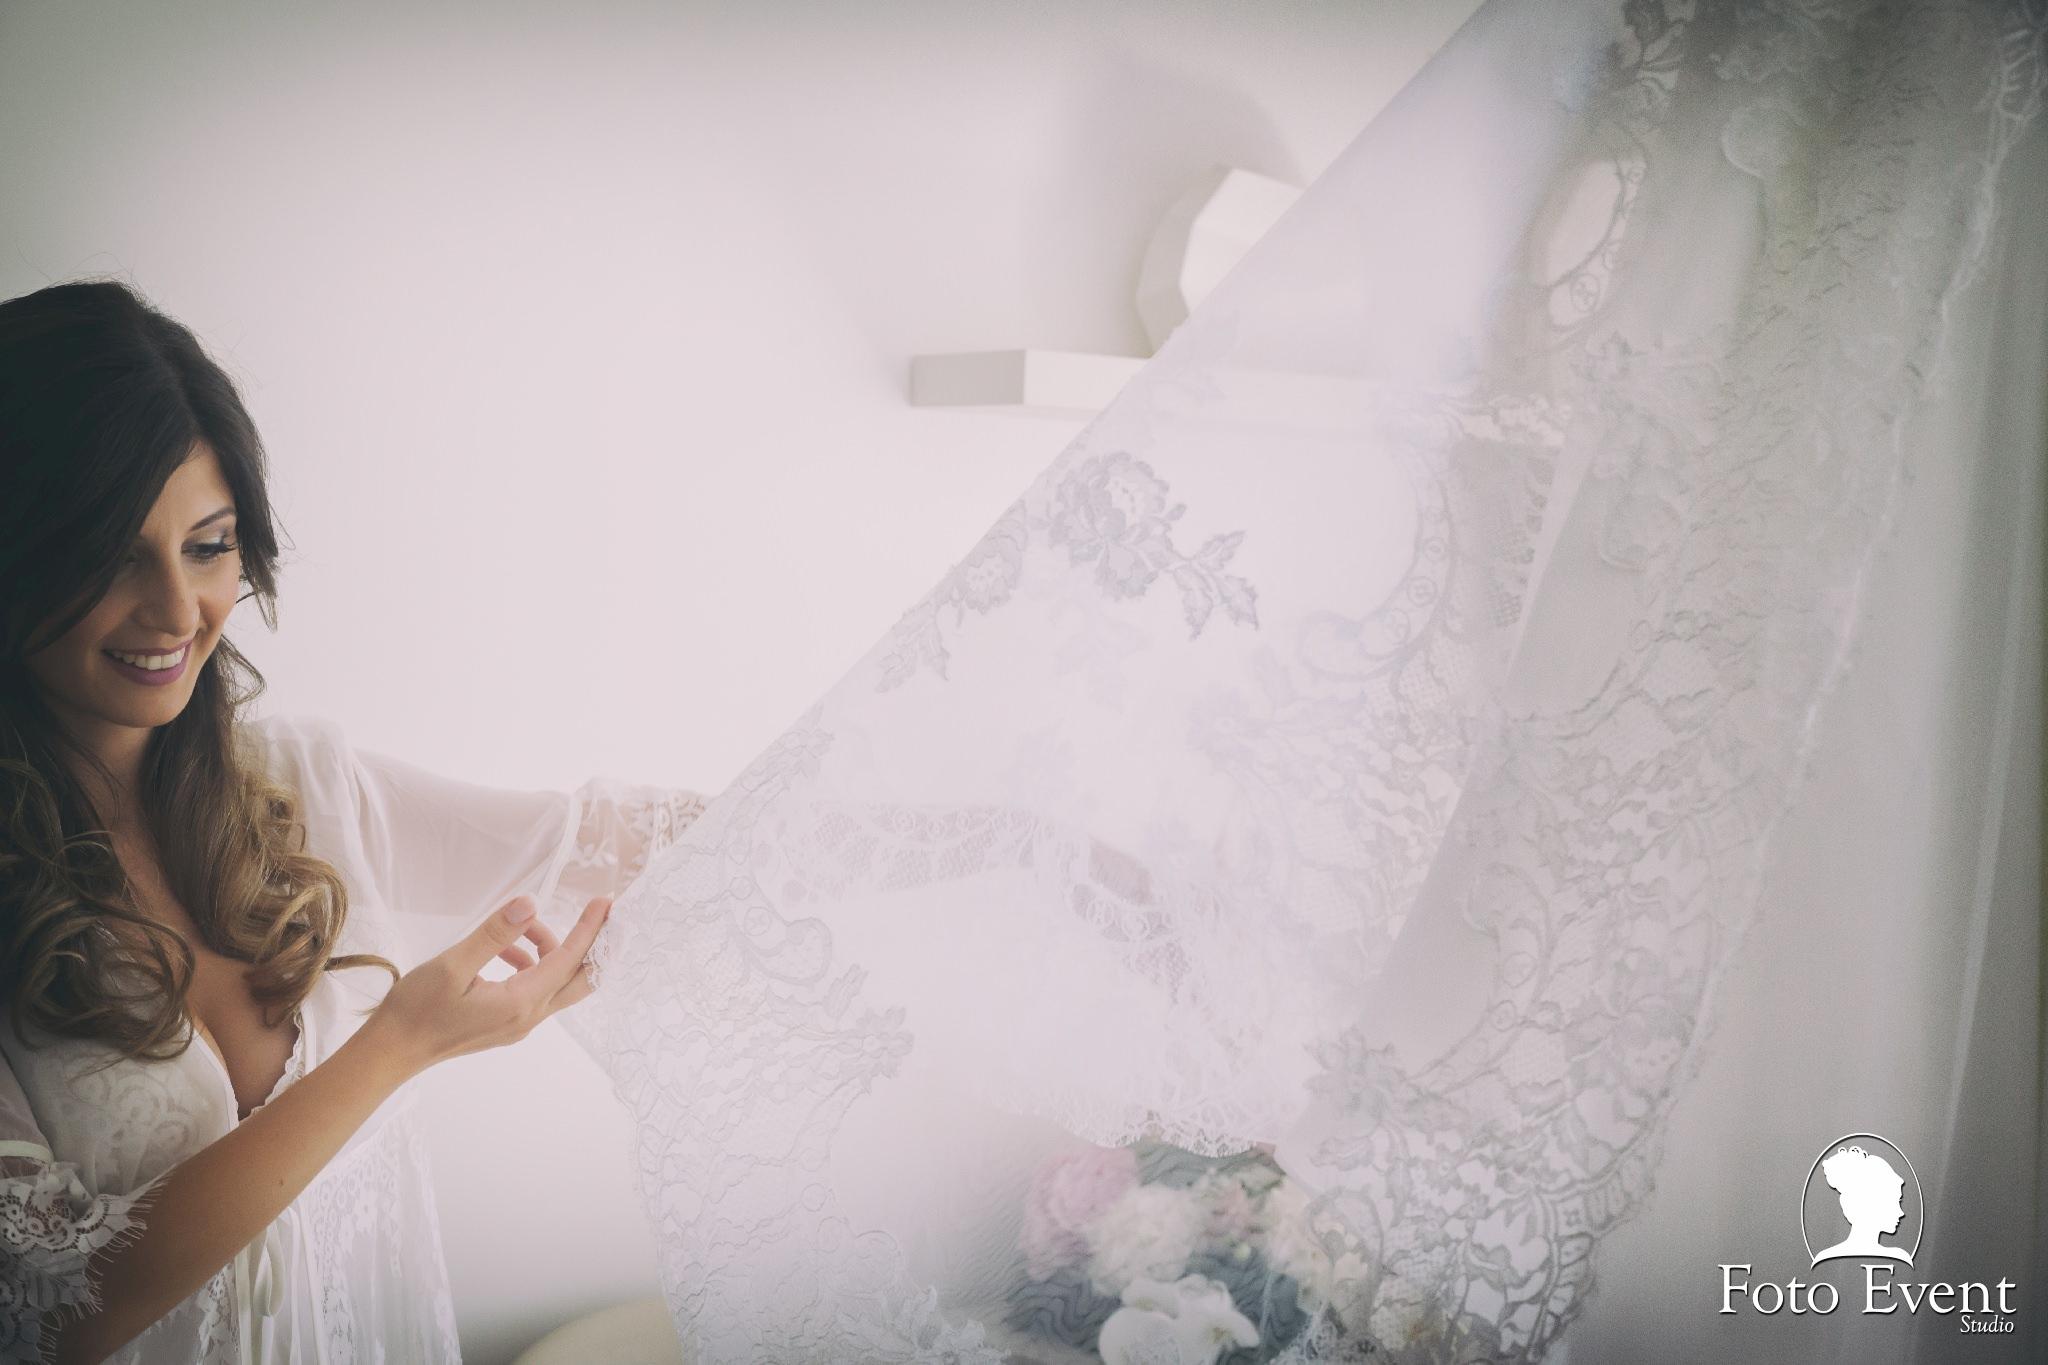 2017-07-21 Matrimonio Adriana e Giuseppe Dorsi 5DR 156 CD FOTO